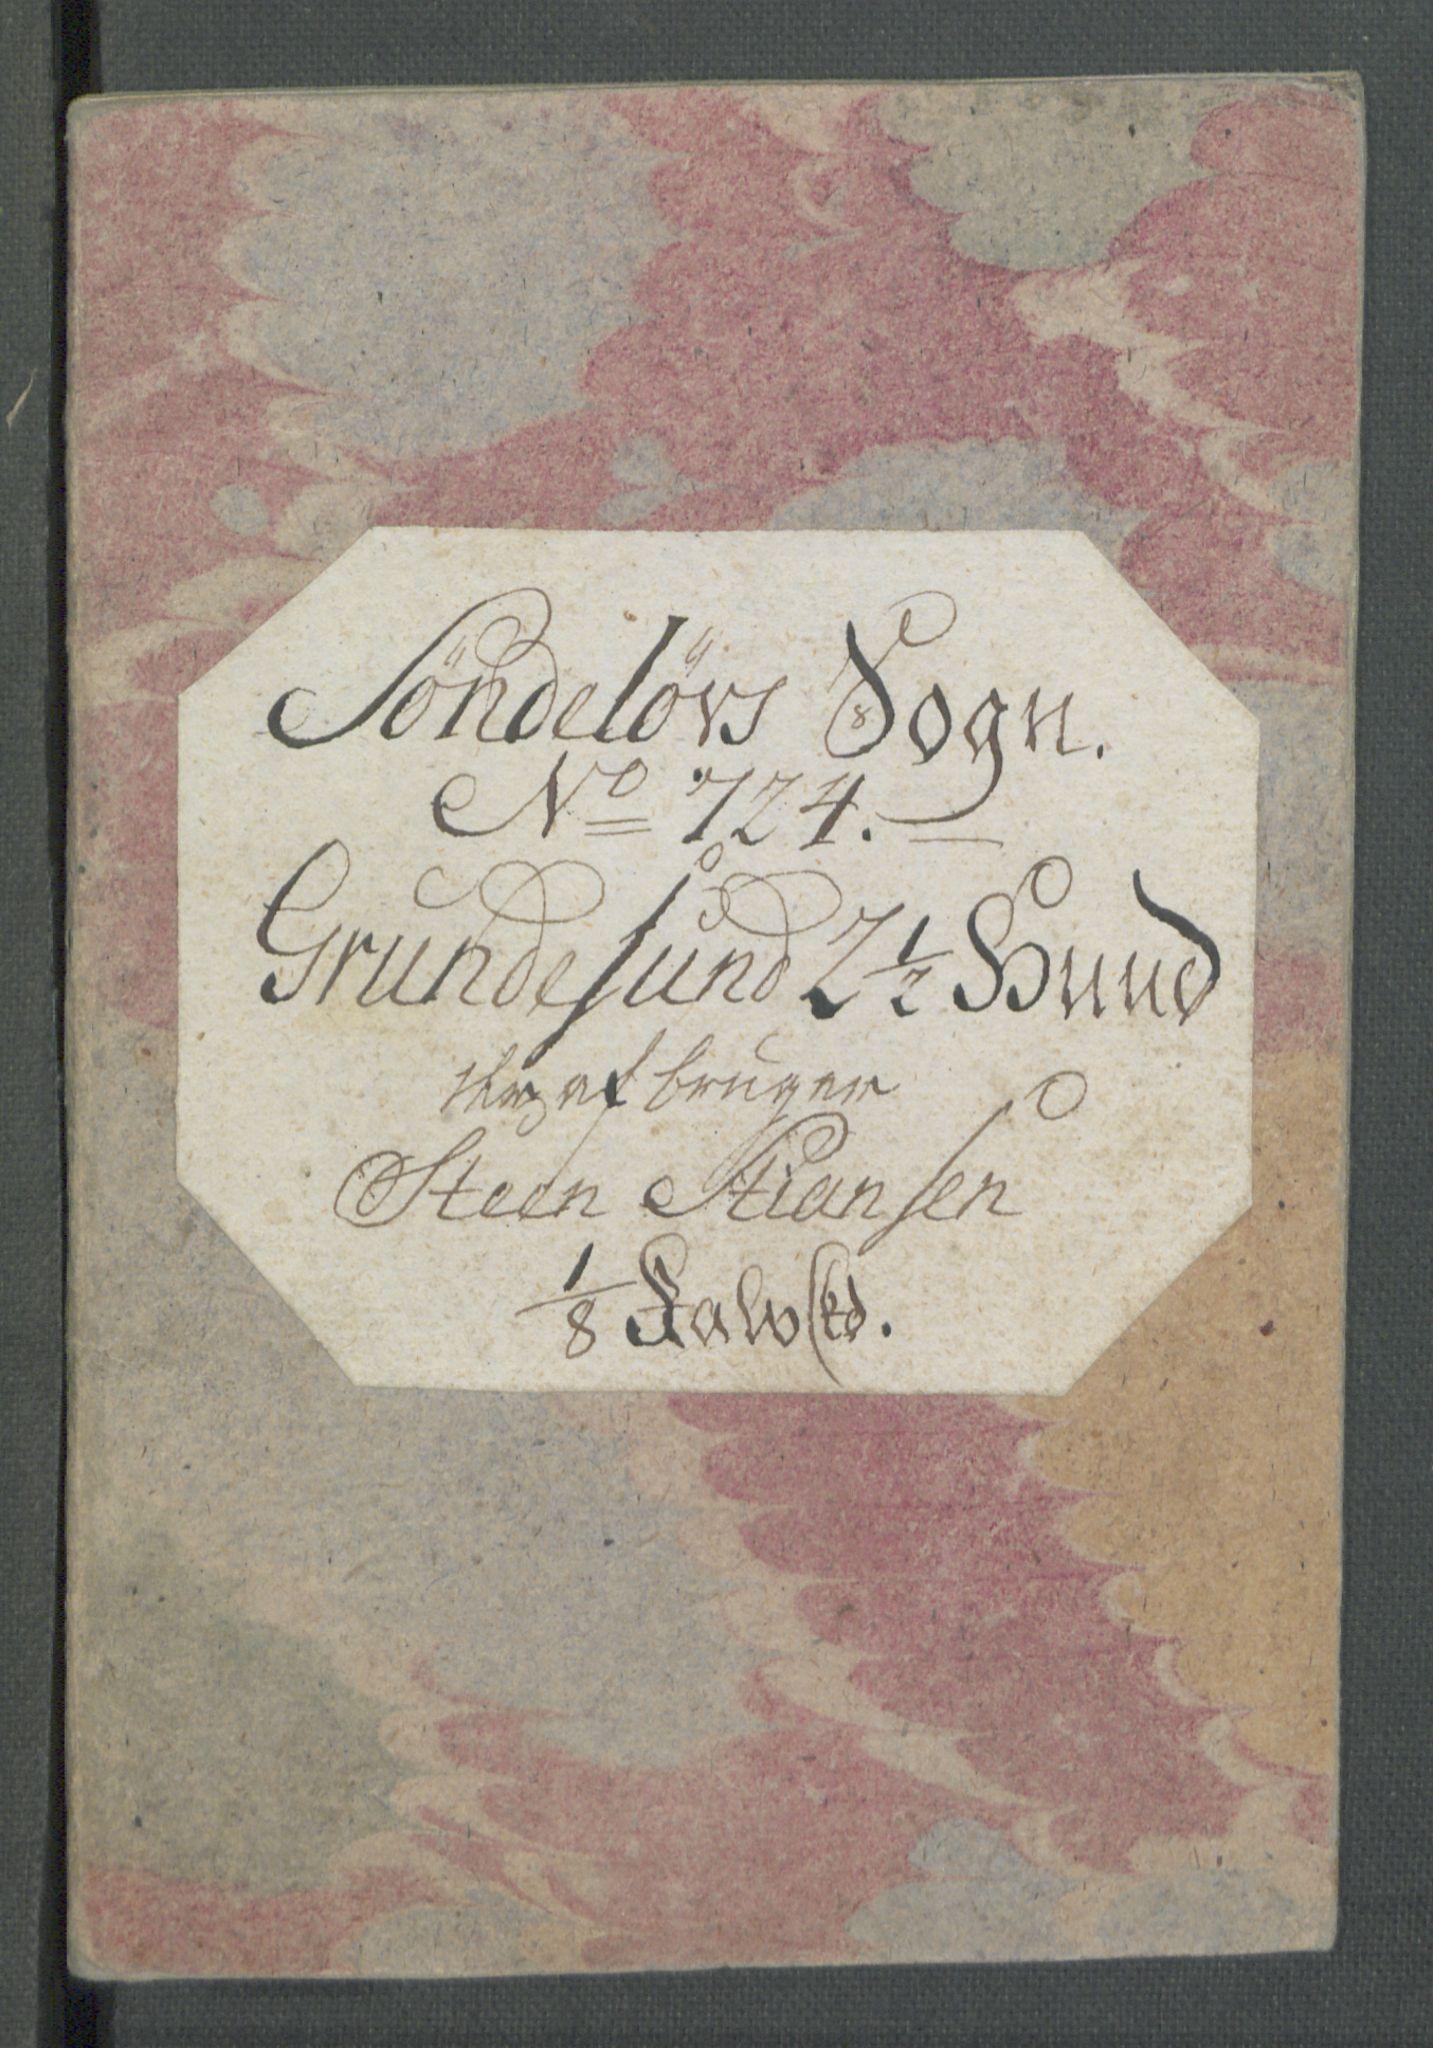 RA, Rentekammeret inntil 1814, Realistisk ordnet avdeling, Od/L0001: Oppløp, 1786-1769, s. 173